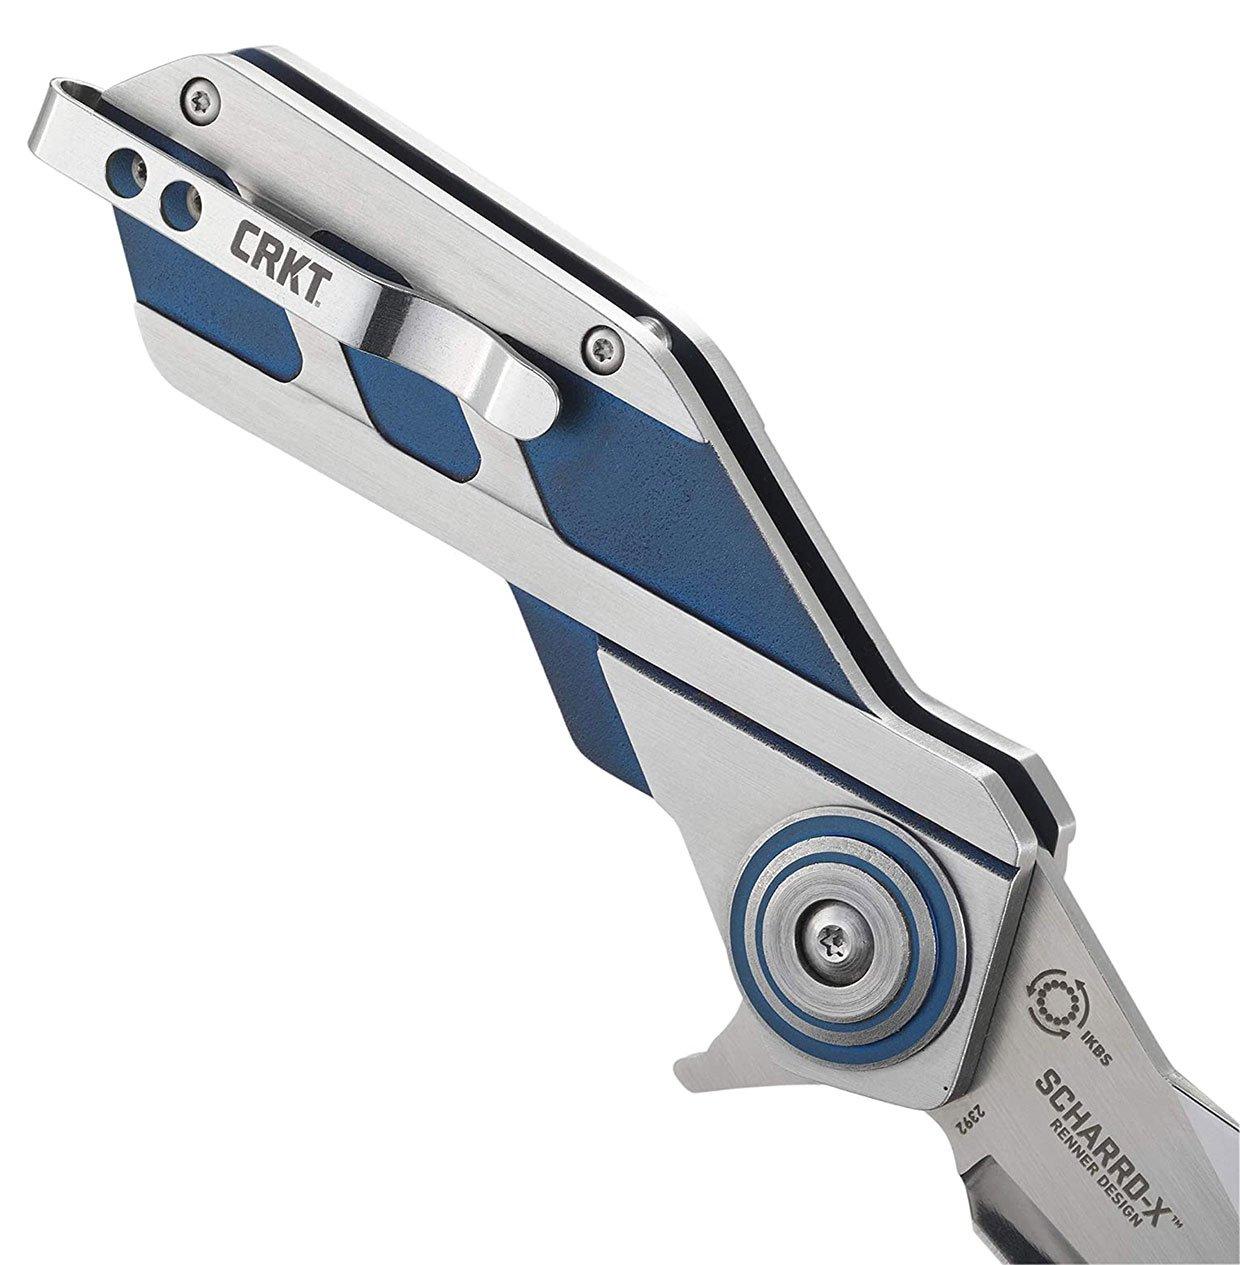 CRKT Deviation Knife